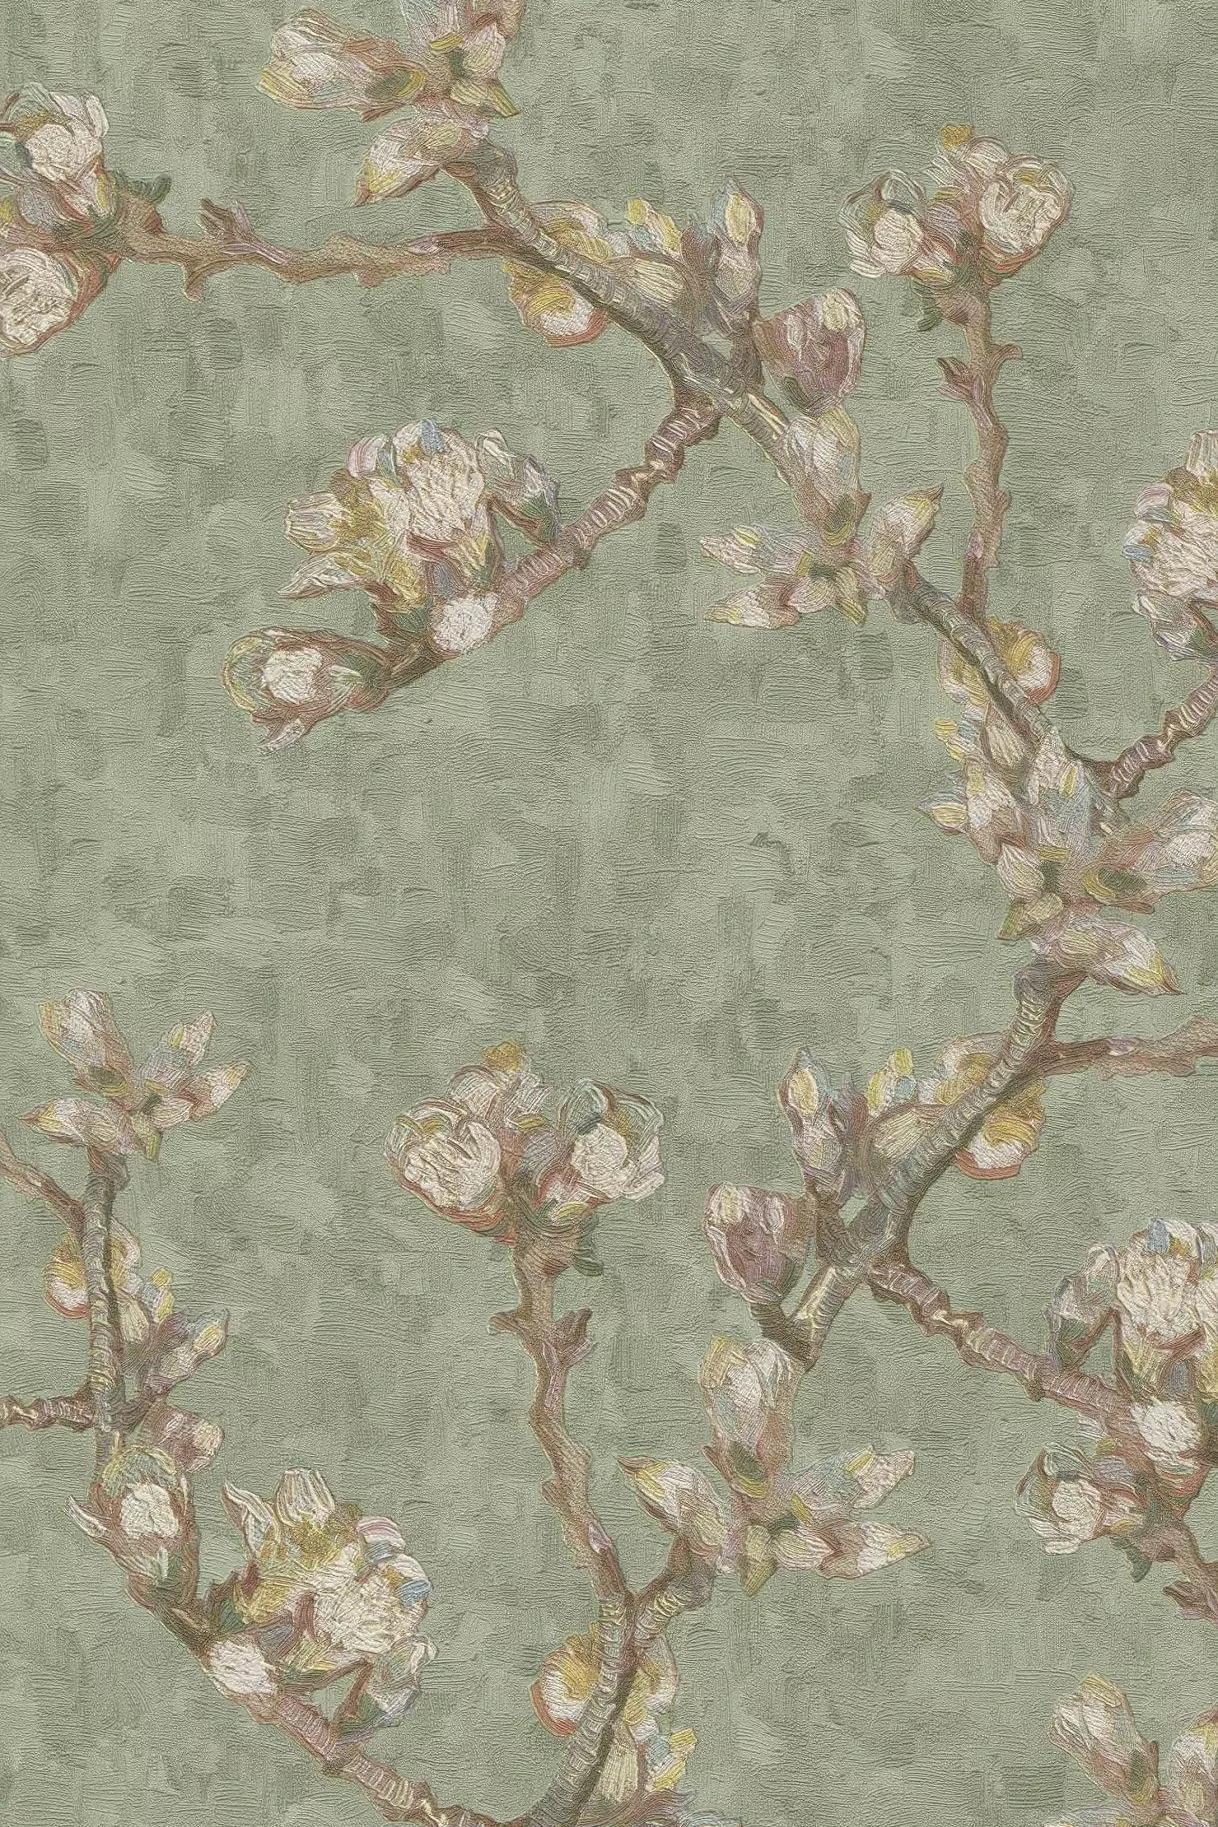 Halvány zöld tapéta virág mintával Van Gogh fesménye alapján